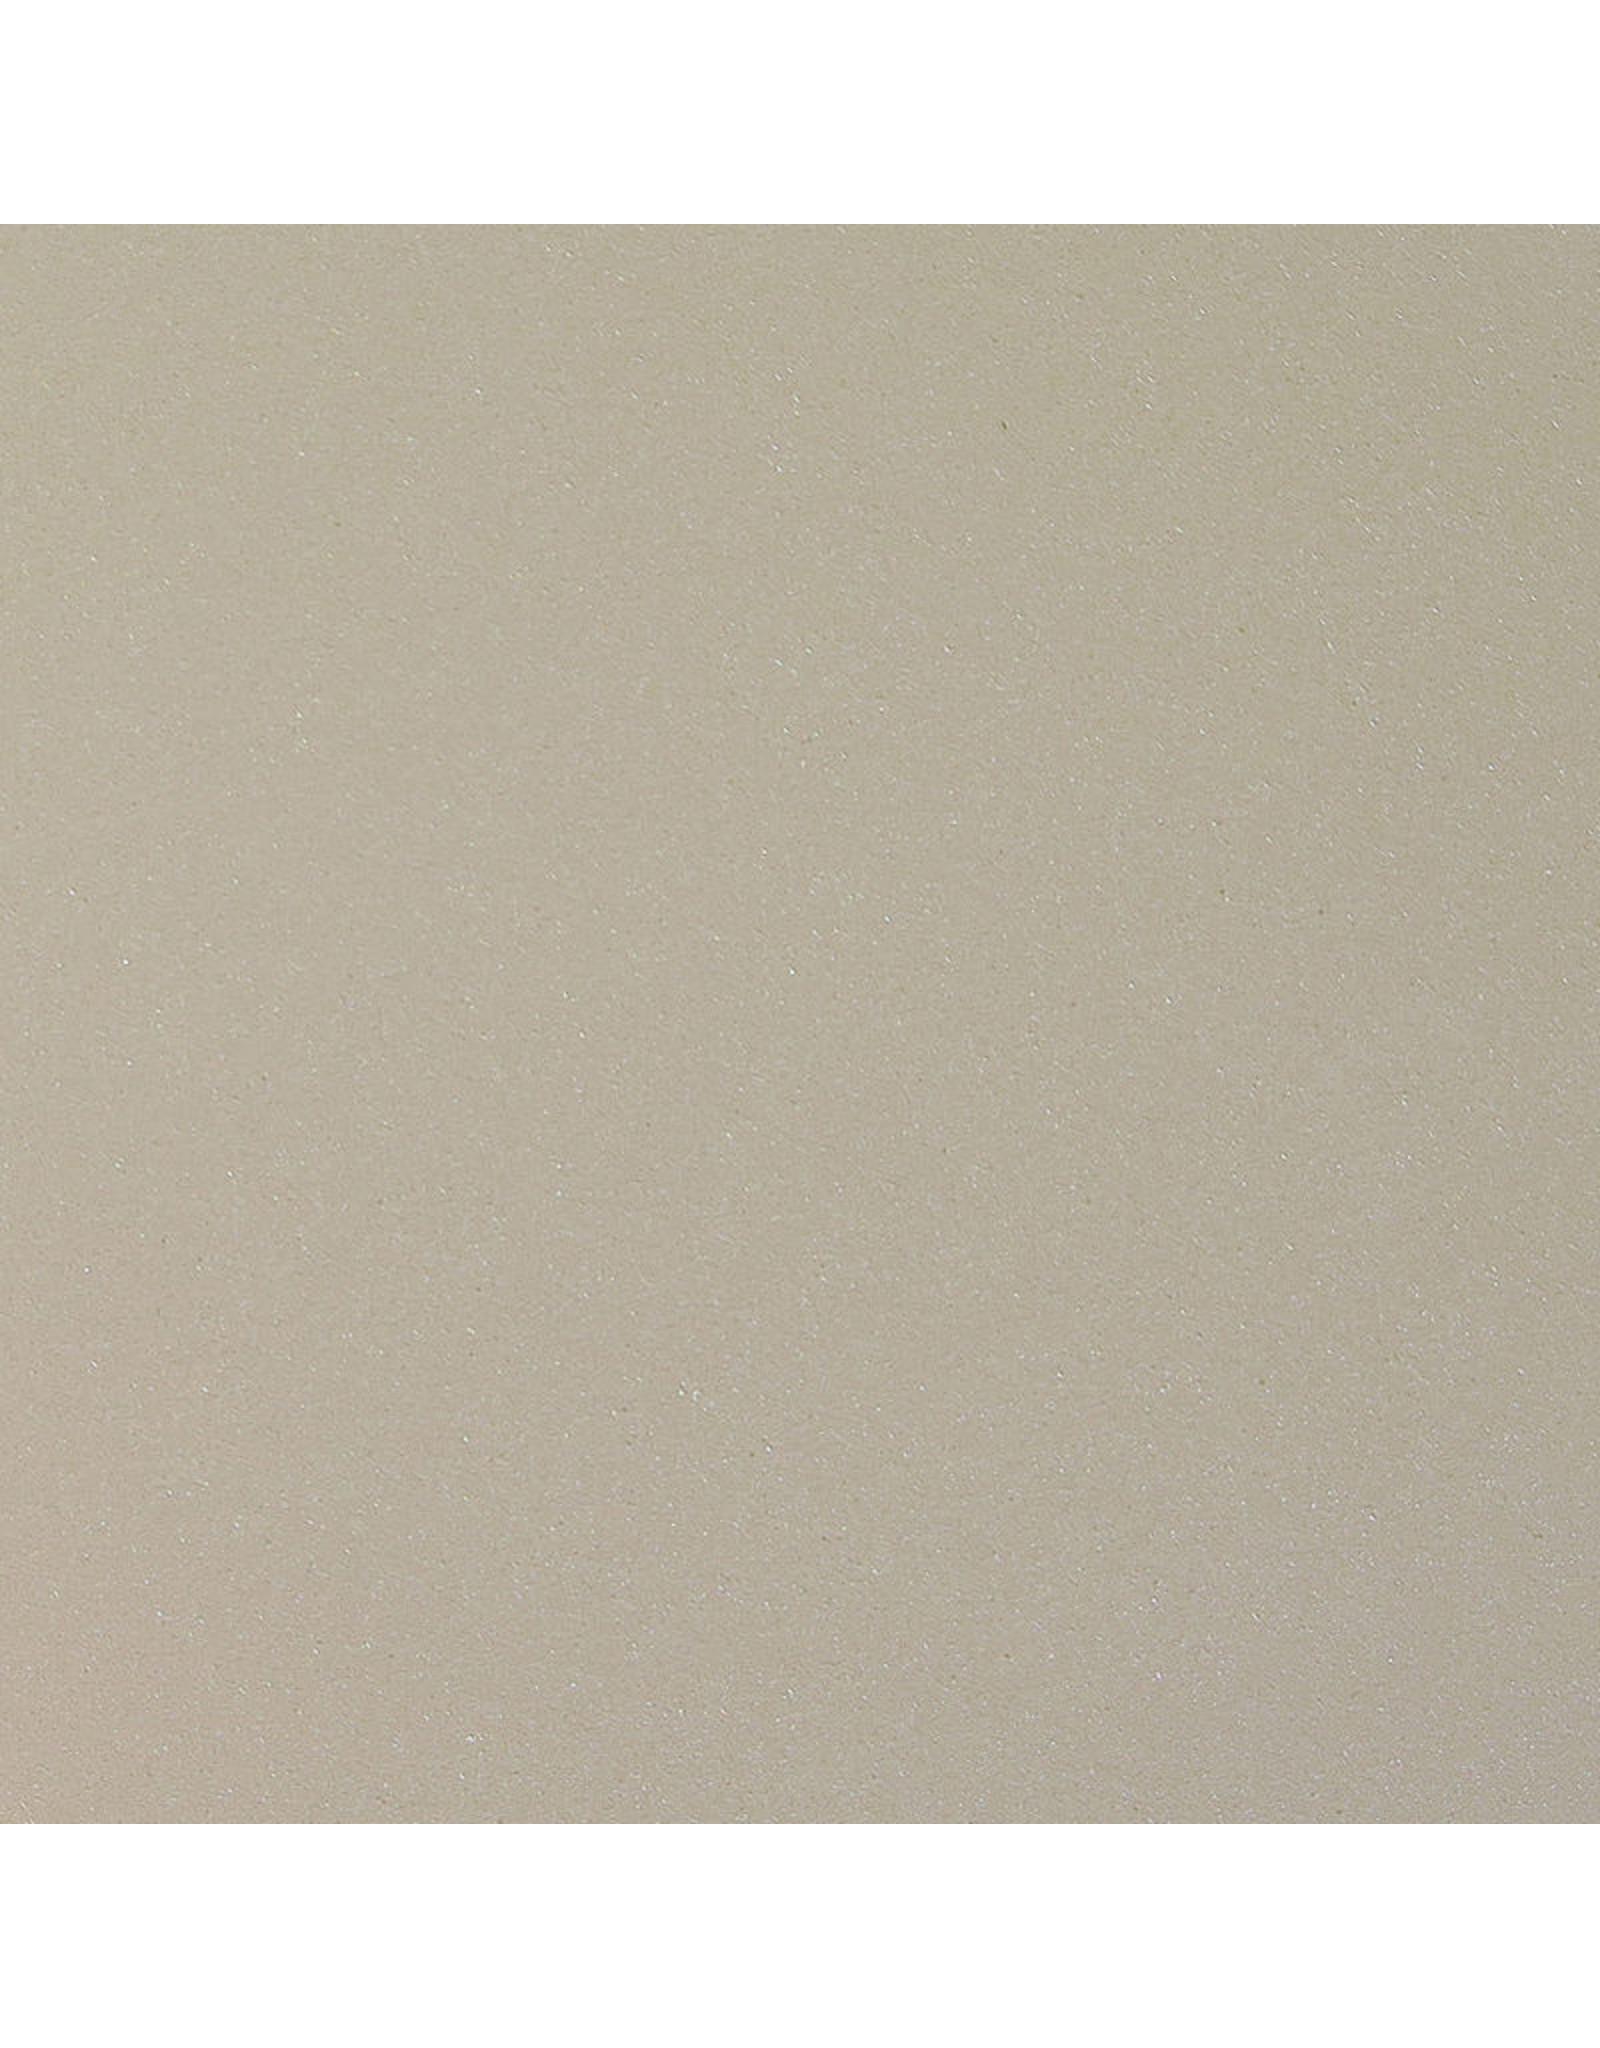 HARELINE DUBBIN Thin Fly Foam 2mm